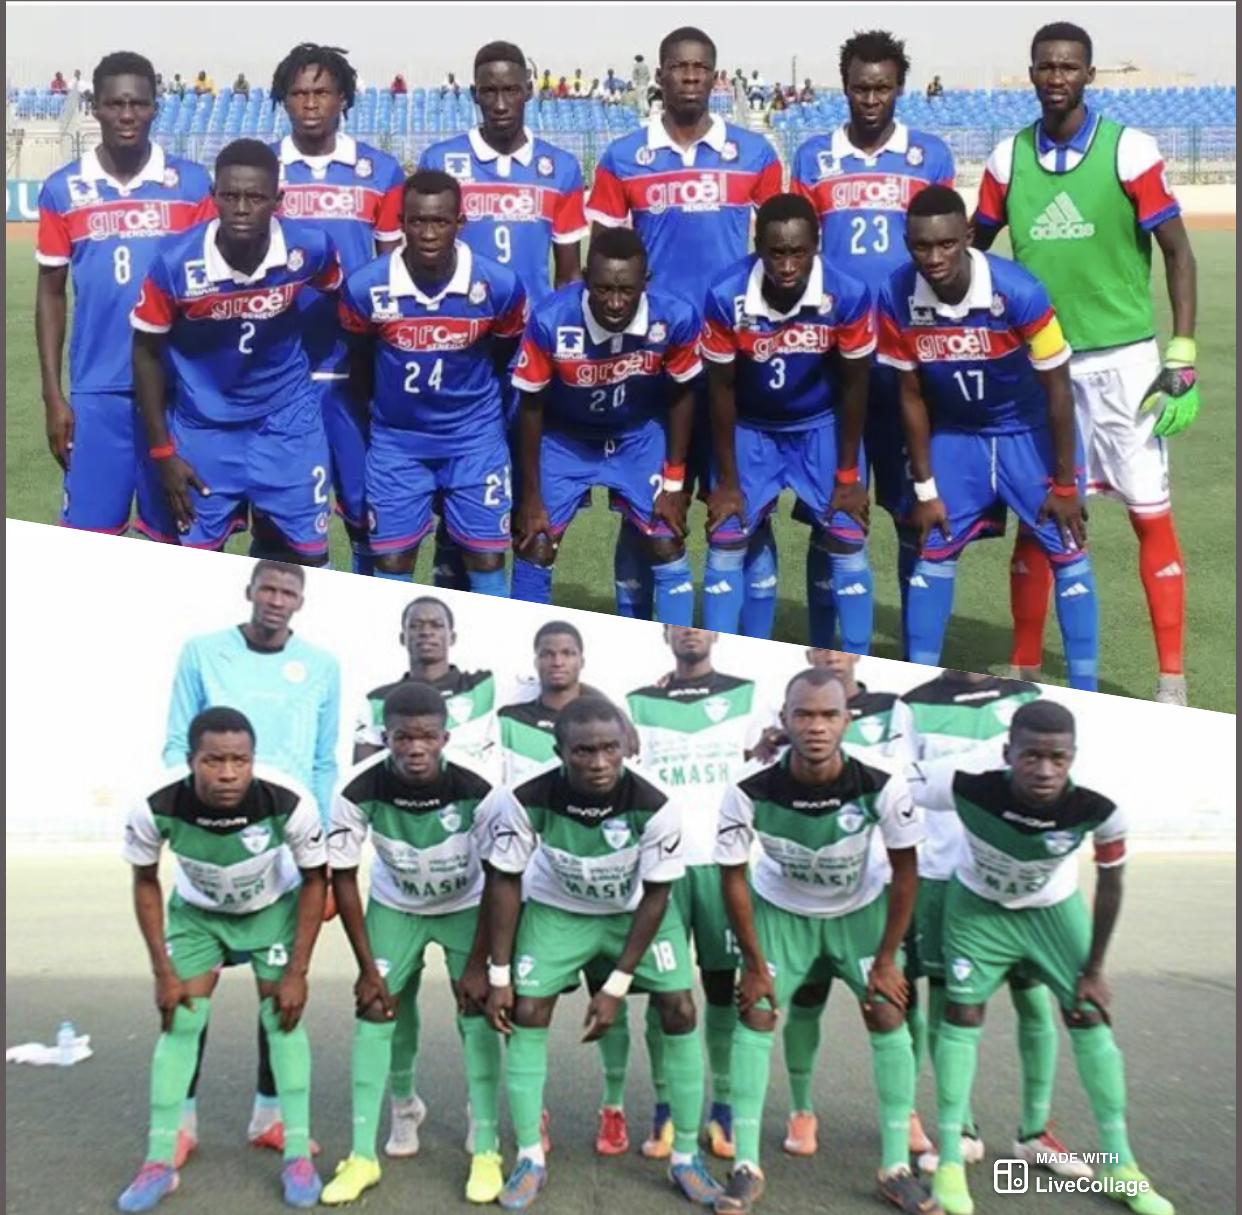 5ème journée Ligue 1 : Le CNEPS Excellence et Niary Tally se neutralisent (0-0)